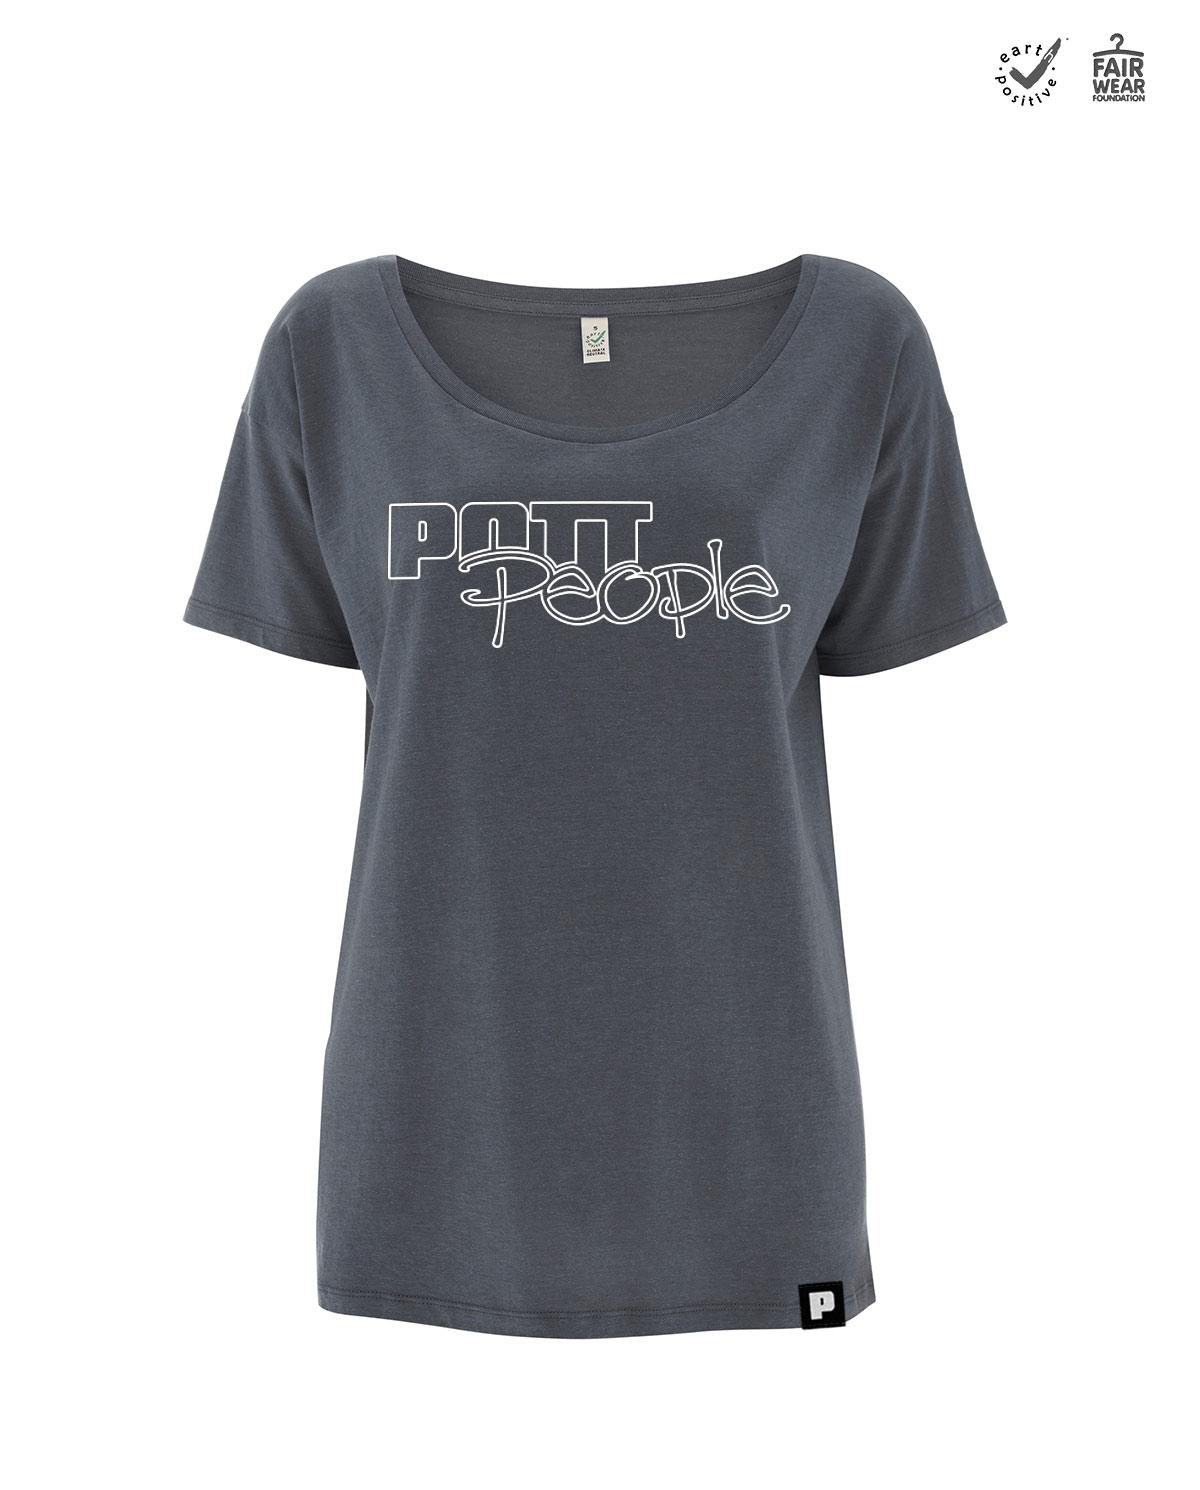 T-Shirt Damen Oversized Dunkelgrau/Weiß